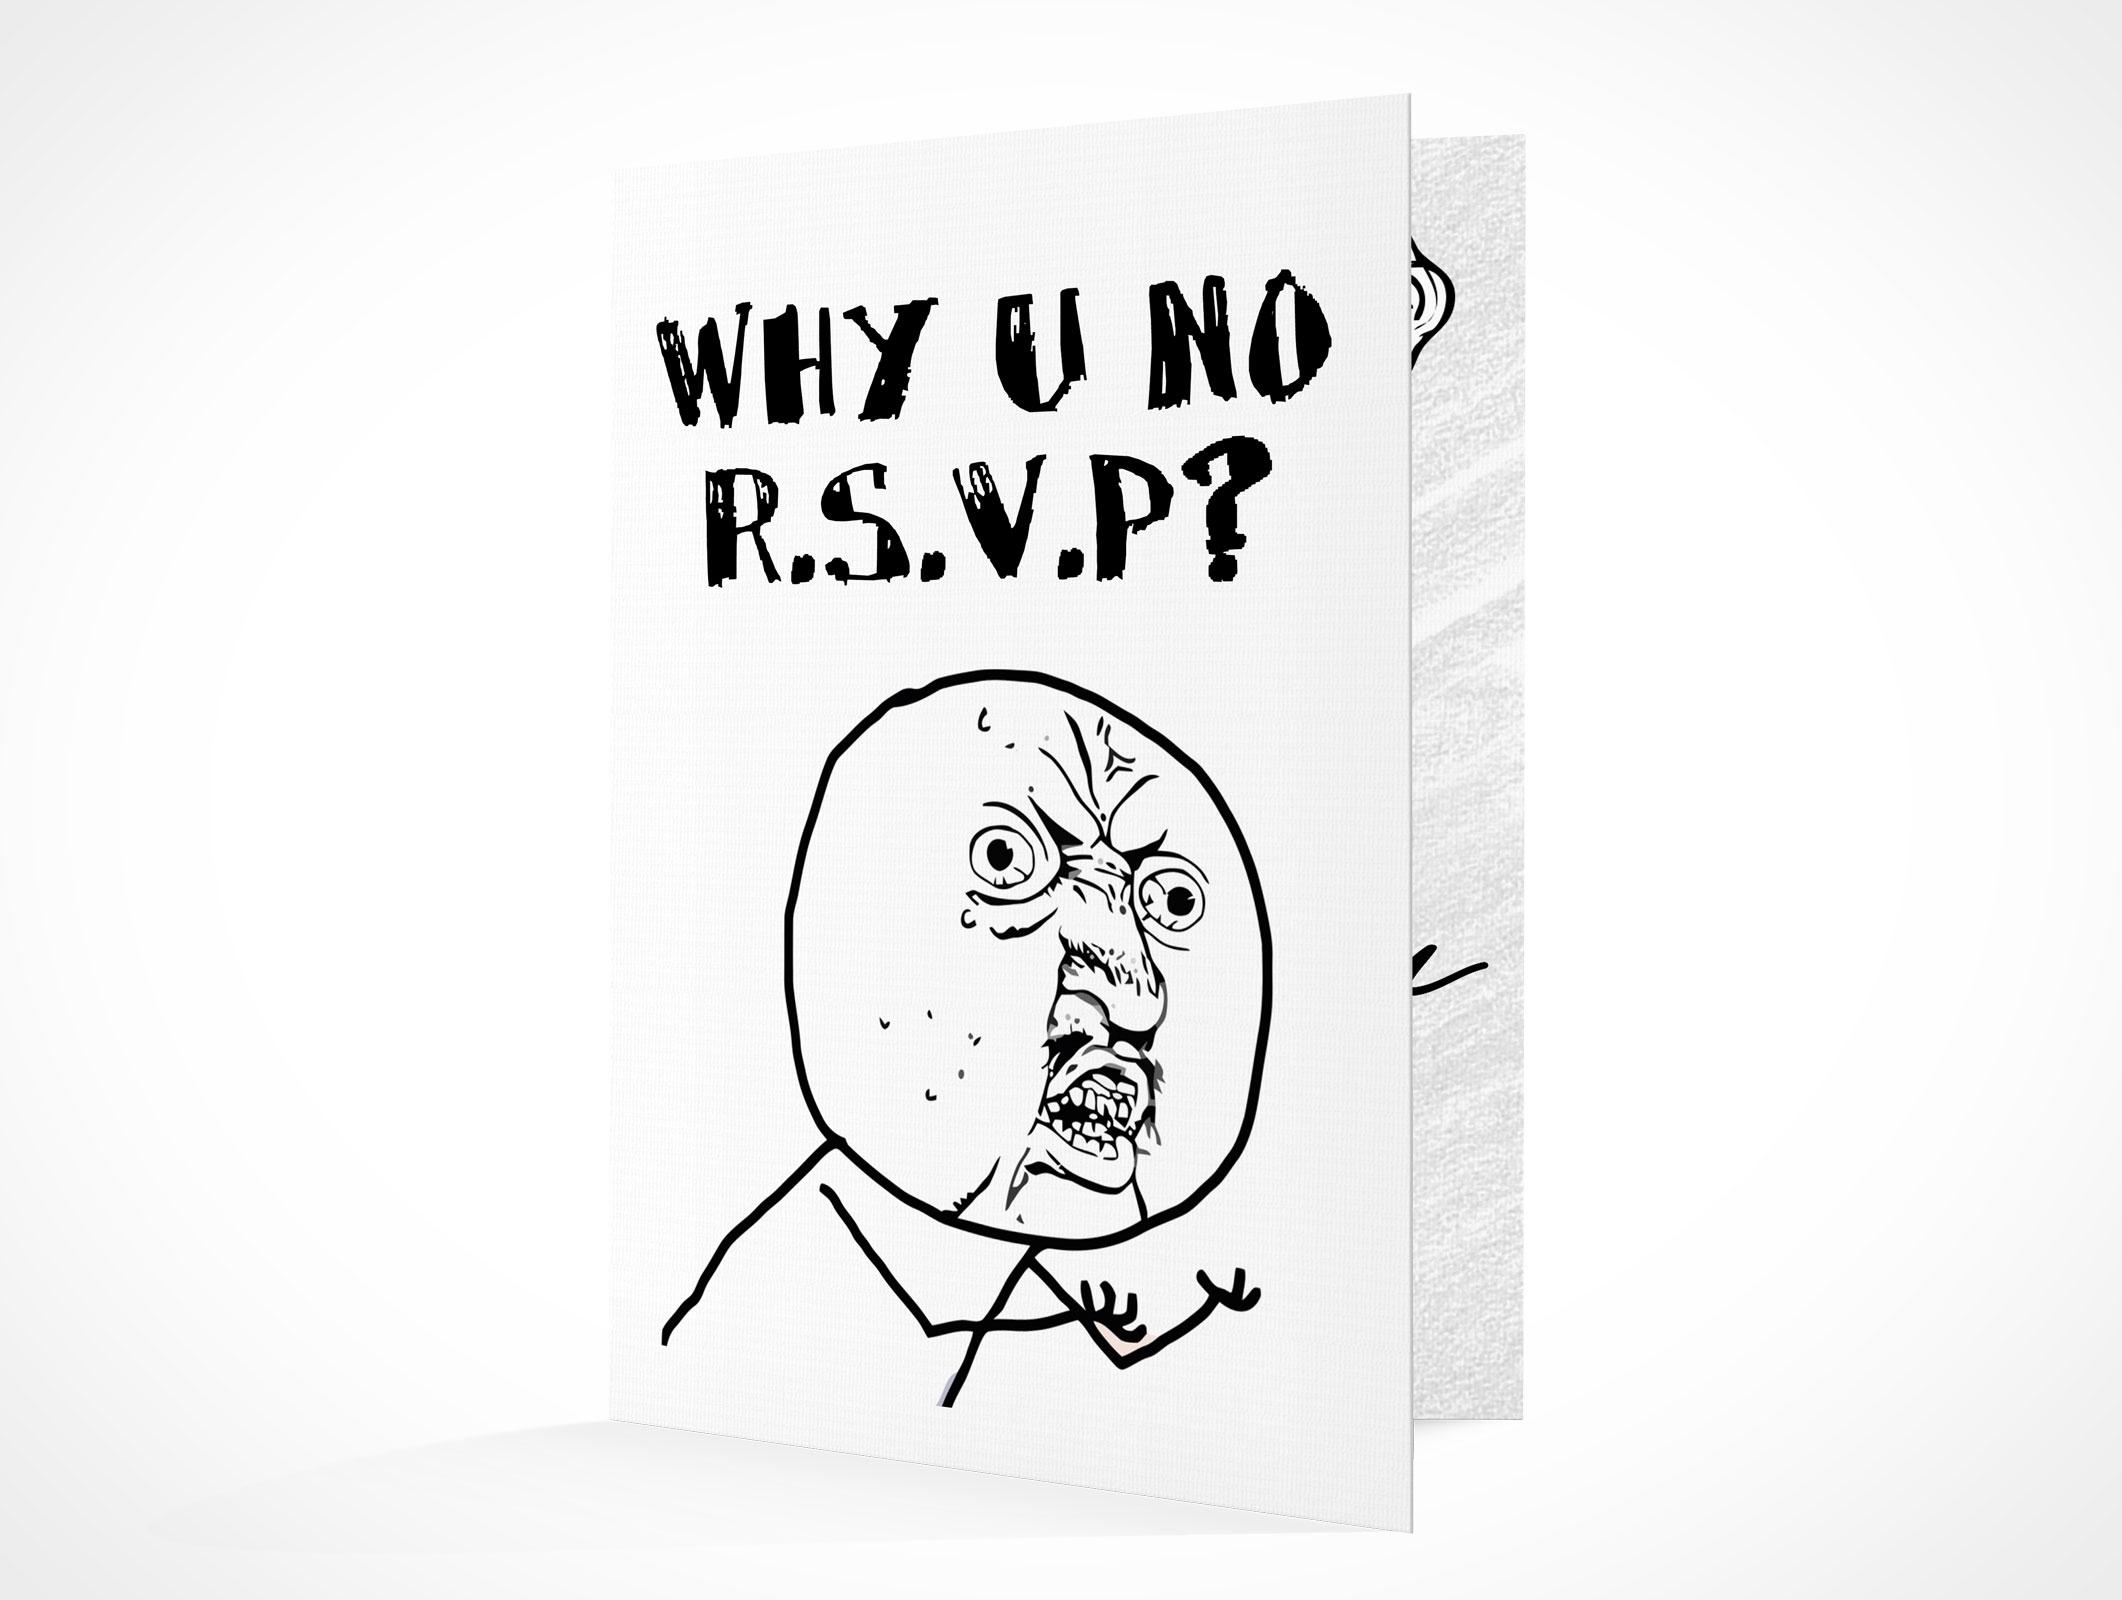 RSVPCARD001 • Market Your PSD Mockups for RSVP